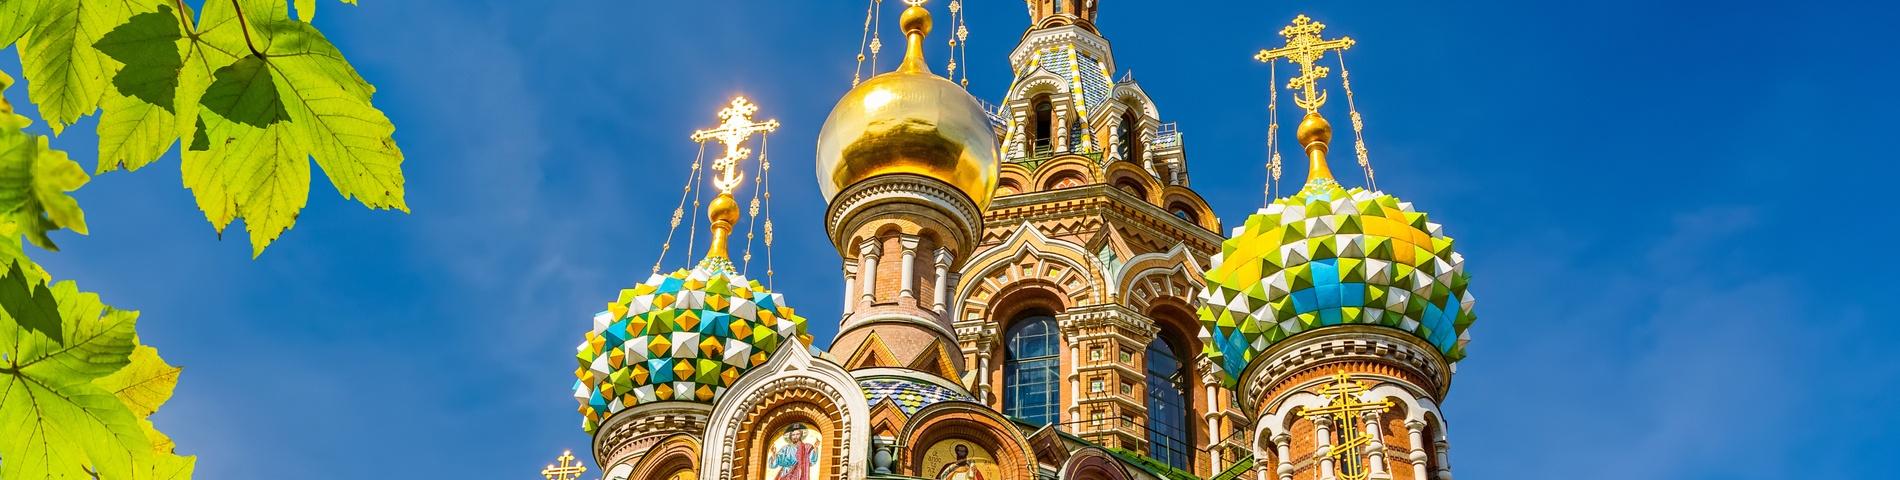 Die 7 besten Sprachschulen in St. Petersburg - Russischkurse